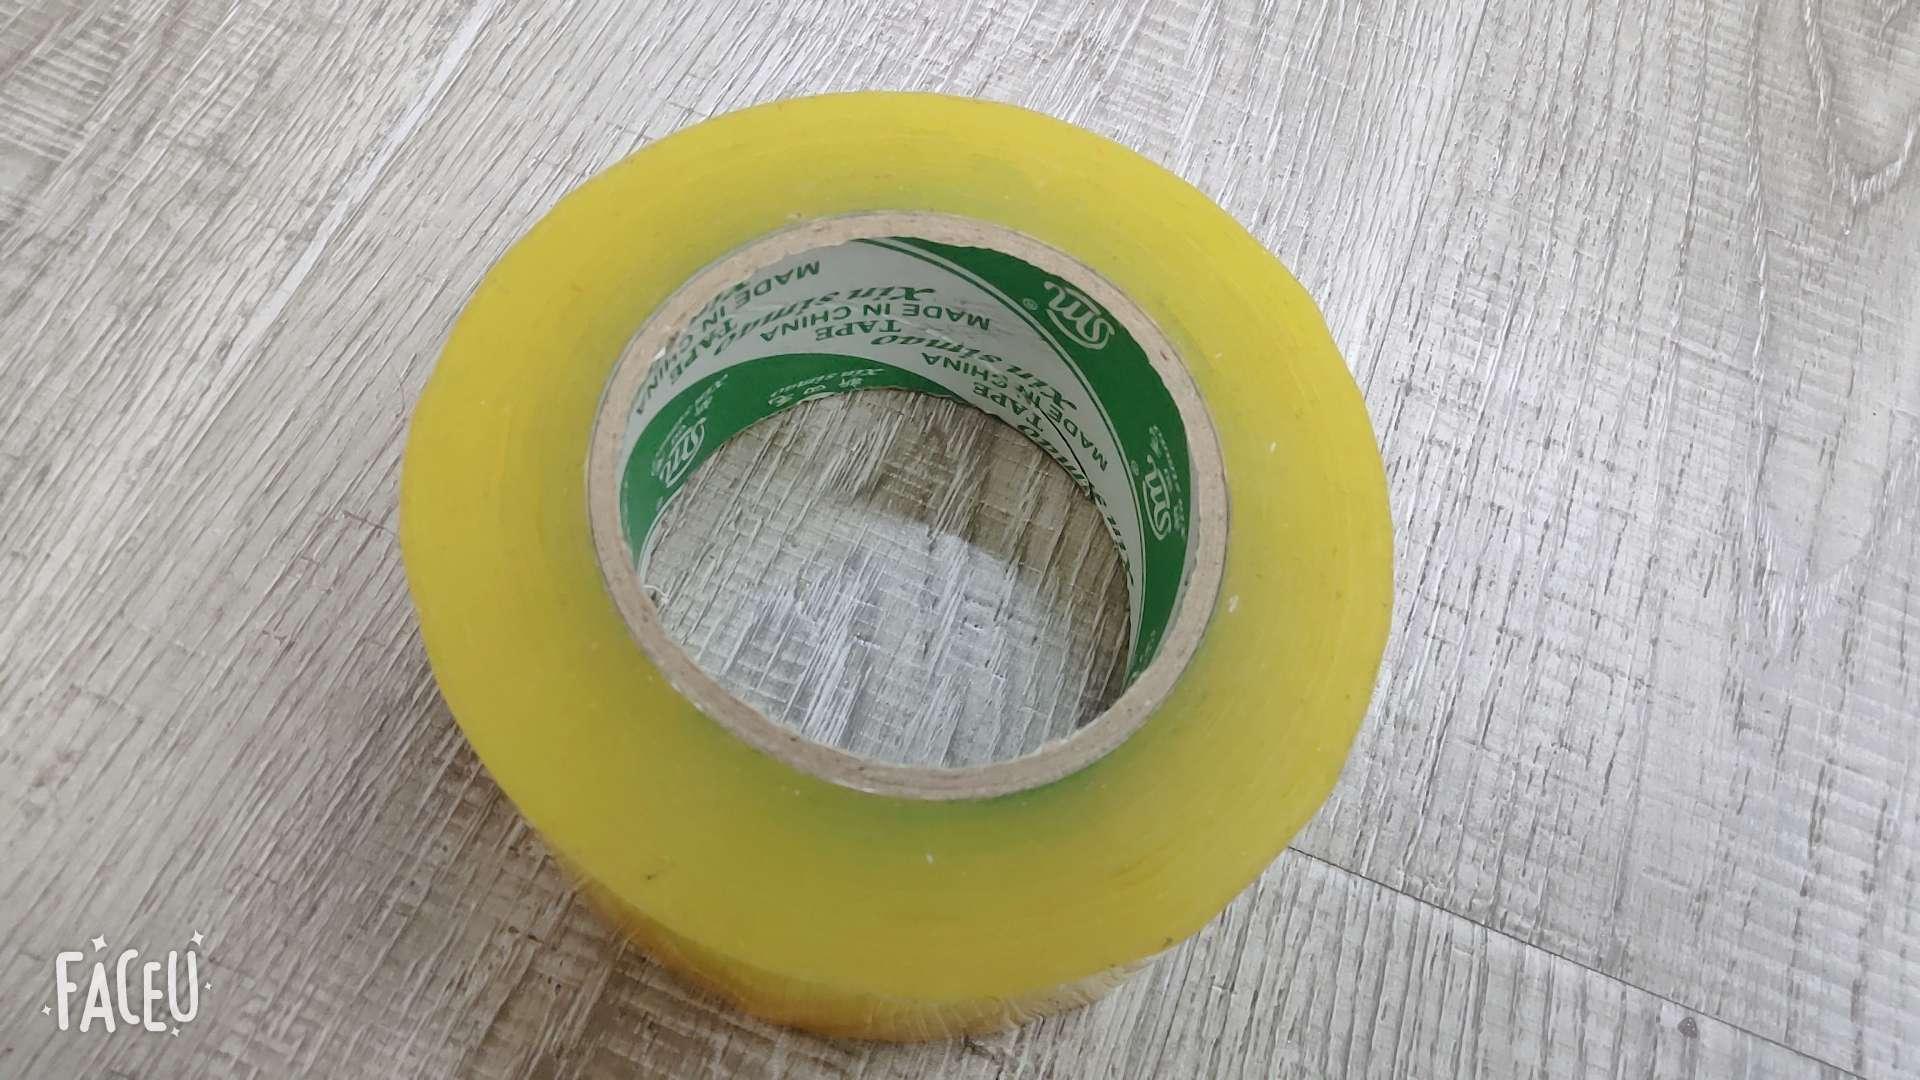 透明胶带淘宝胶带快递胶带封箱专用